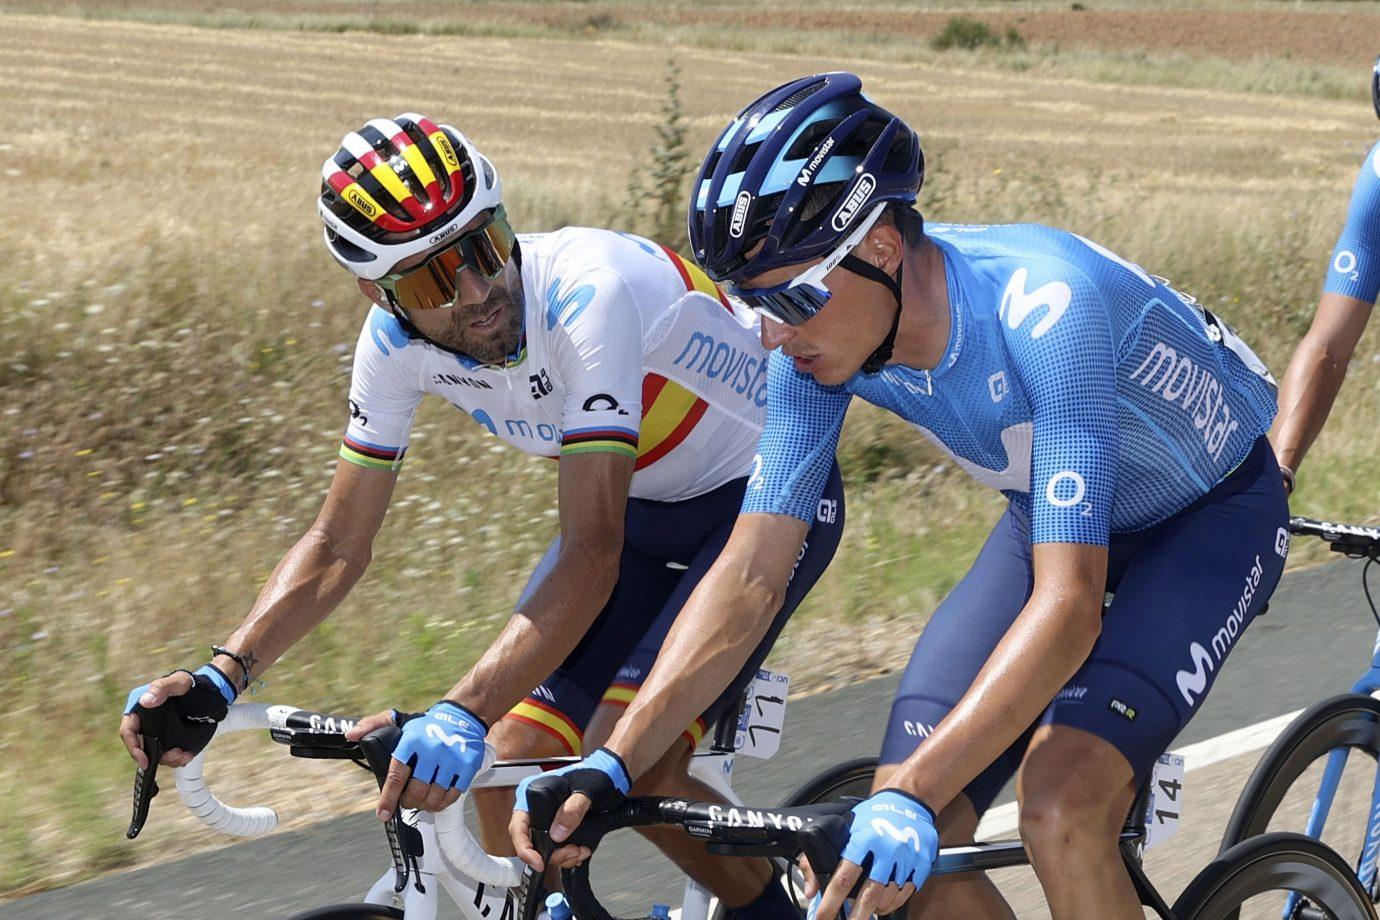 Imagen de la noticia 'Calm finish for Valverde, Mas ahead of Picón Blanco'